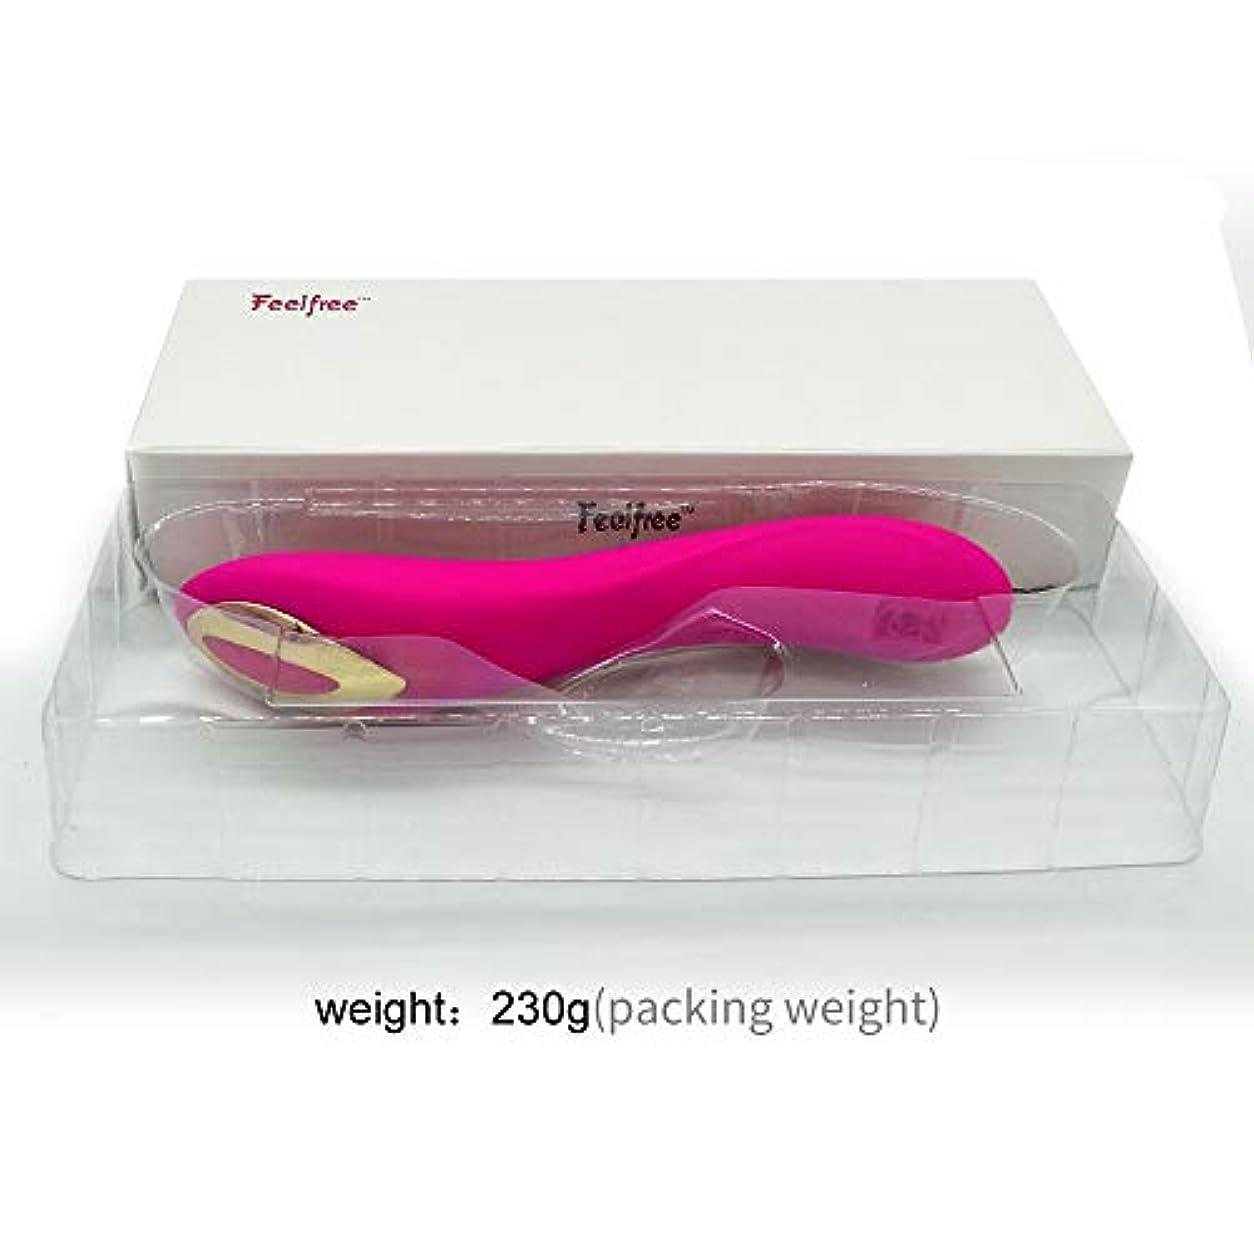 Rabugoo 大人のおもちゃ 女性のカップルのための乳首前立腺Gスポット刺激大人のおもちゃのための10の強い振動シリコーン防水バイブレーターを持つクリトリス膣バイブレーター ローズレッド